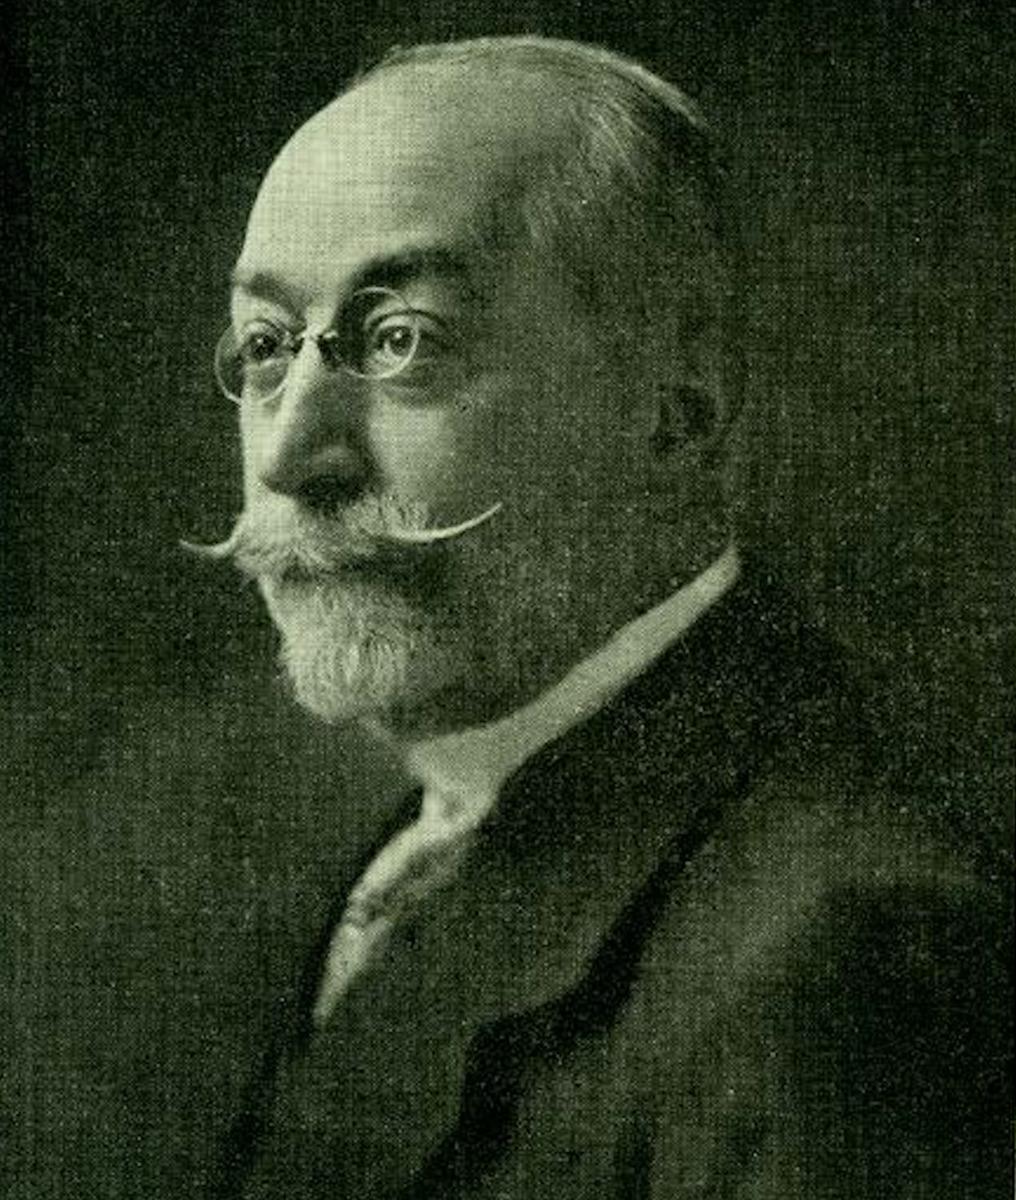 Stanislas-Jean-Baptiste Rolland, date unkown<br />Soci&eacute;t&eacute; d&rsquo;histoire de la Rivi&egrave;re-du-Nord<br />Fonds Journal des Pays-d&rsquo;en-Haut